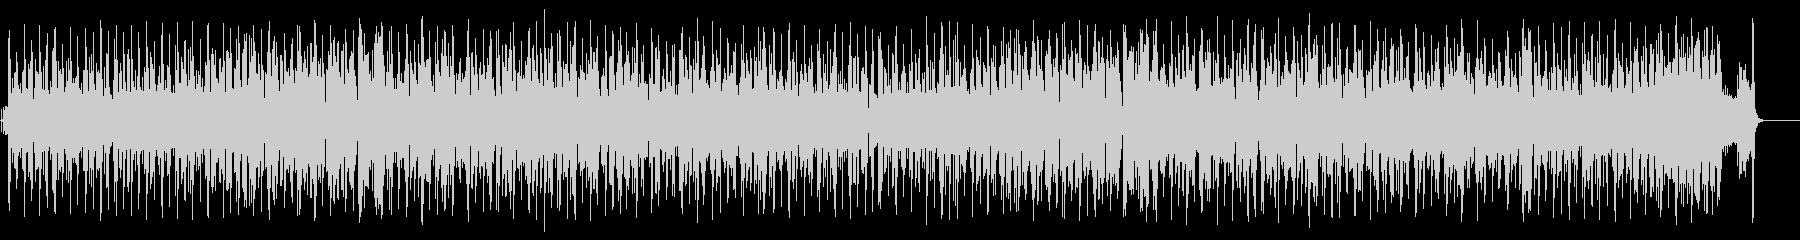 コミカルなほのぼのポップ(フルサイズ)の未再生の波形